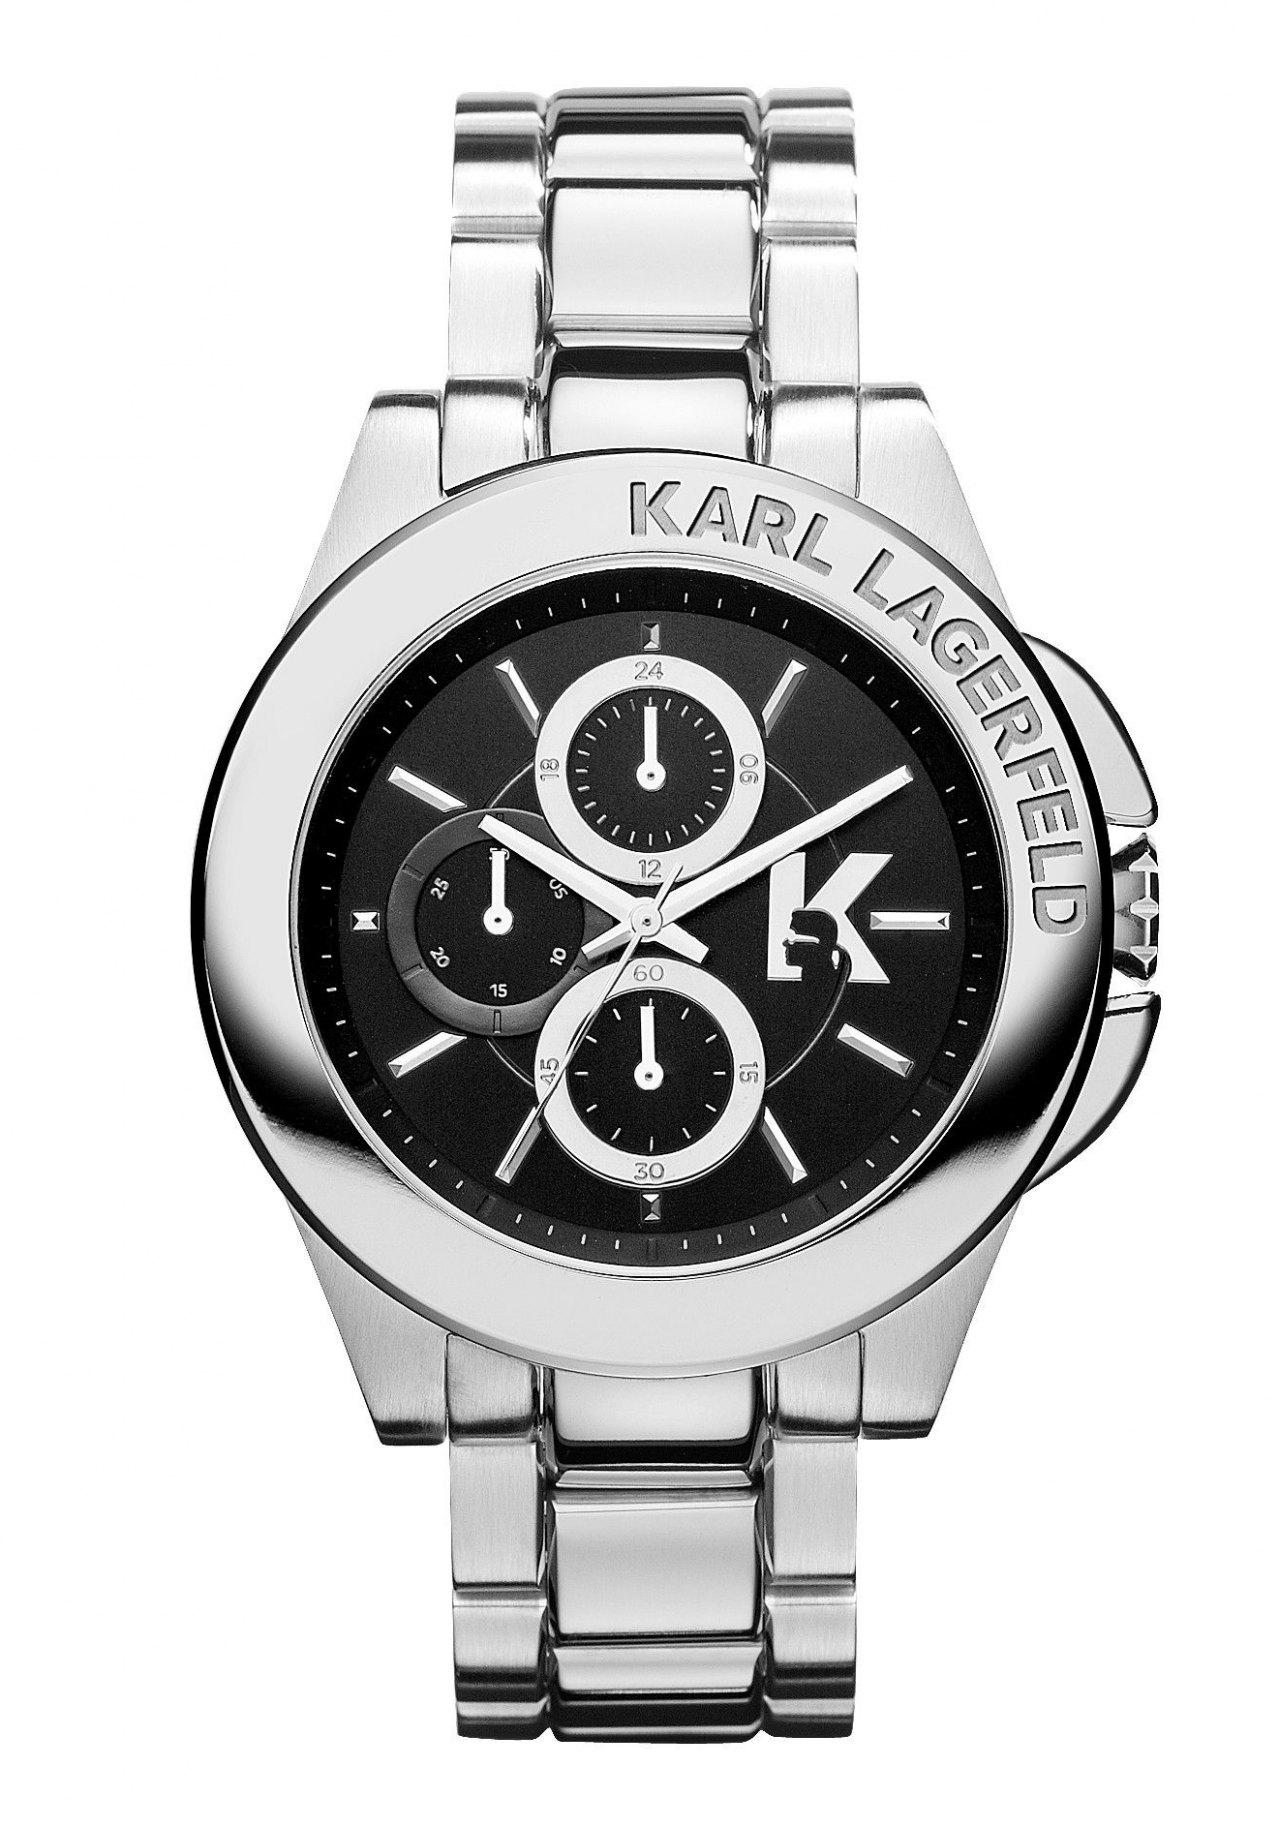 karl lagerfeld herrenchronograph karl energy kl1405 nur 189 00. Black Bedroom Furniture Sets. Home Design Ideas